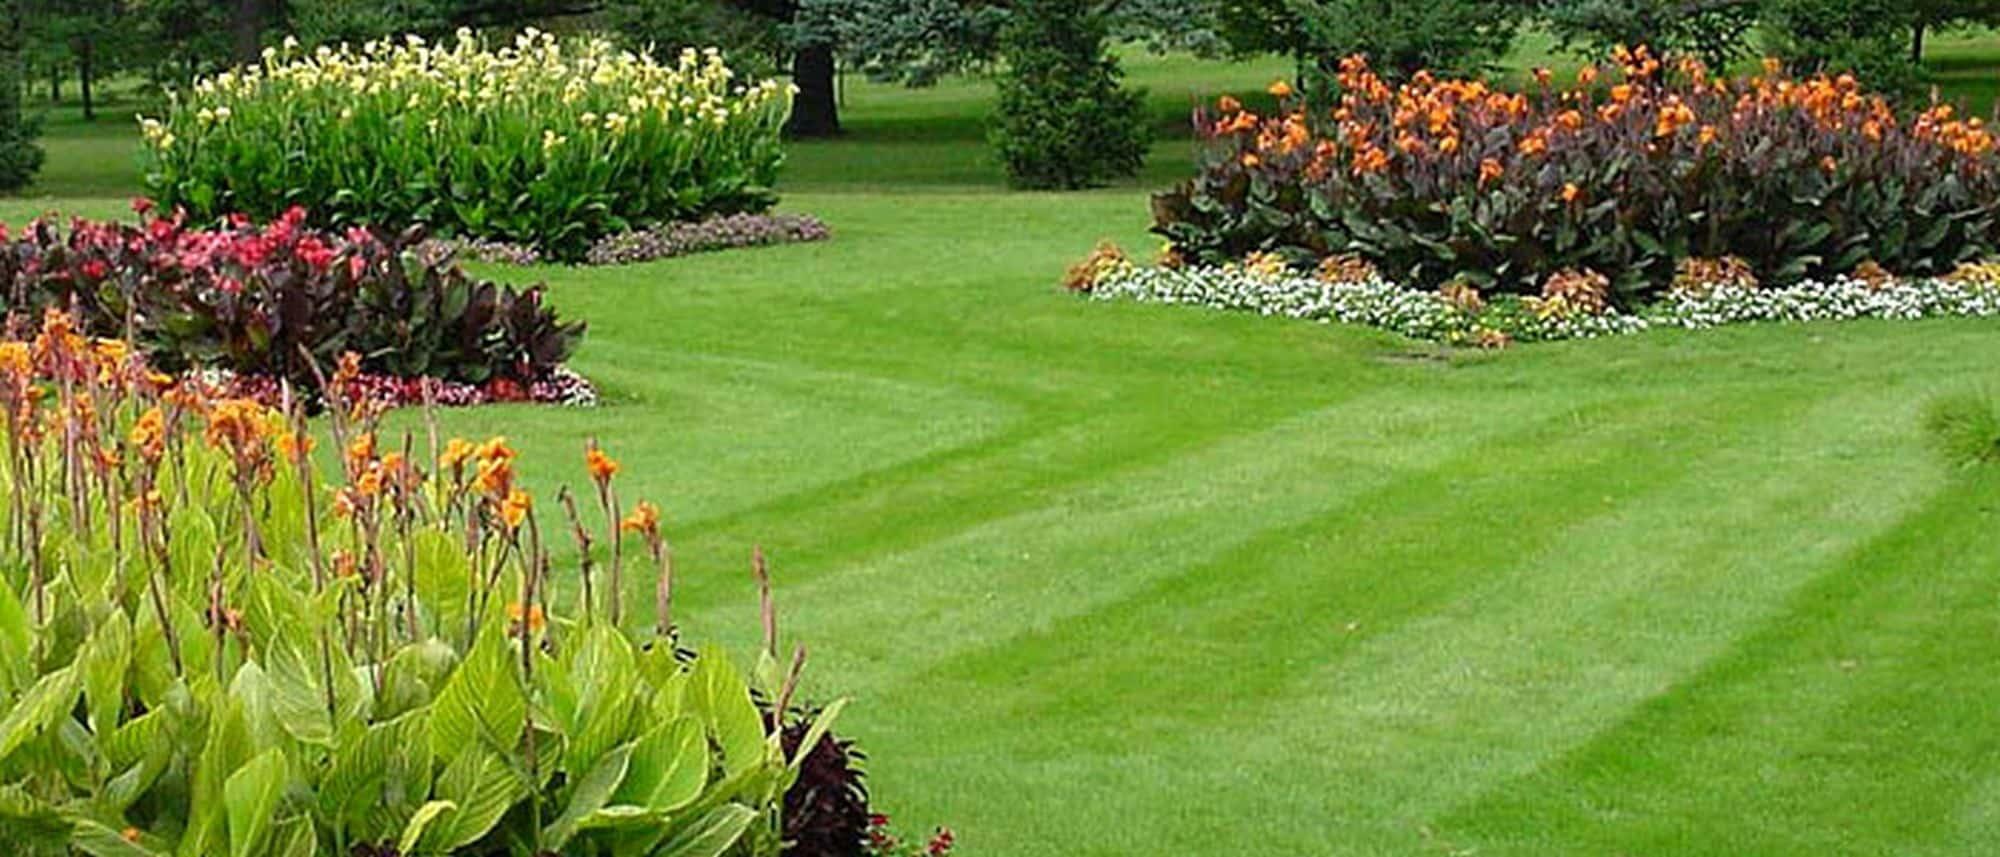 Университет ландшафтный дизайн газон озеленение